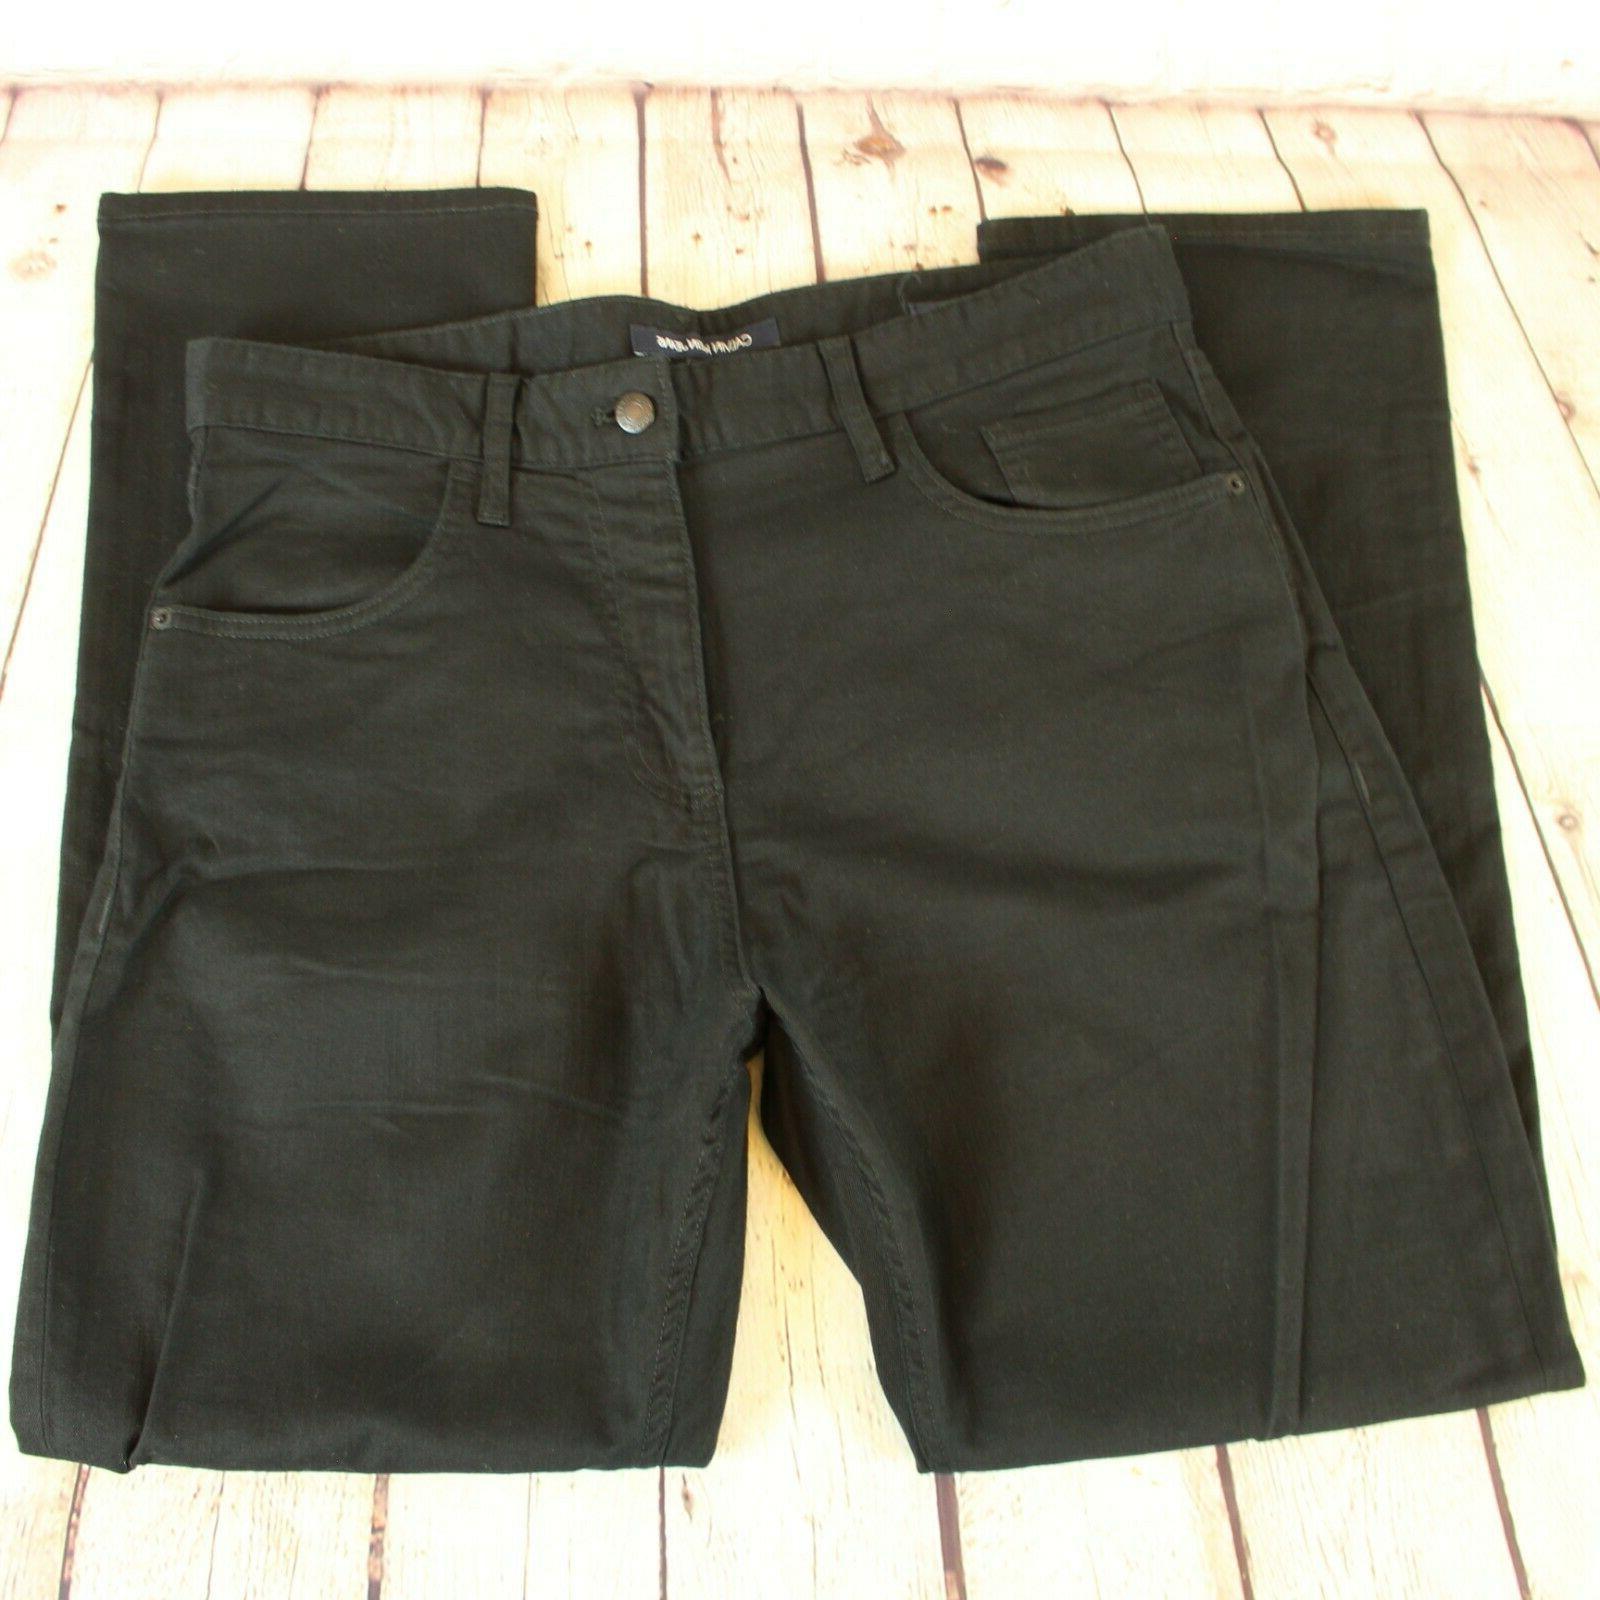 nwot jeans men s straight leg jean